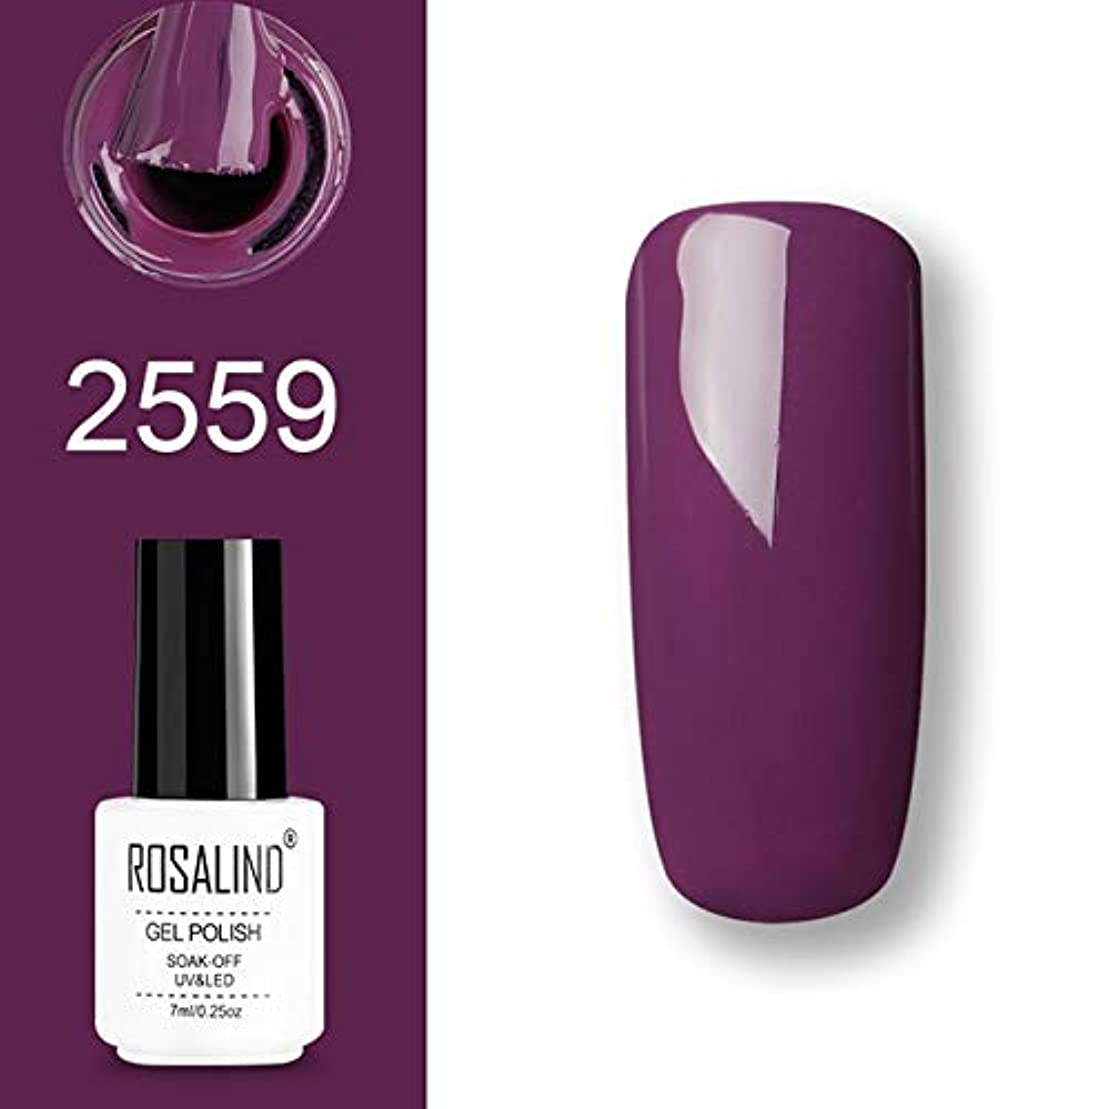 アプライアンス形容詞液化するファッションアイテム ROSALINDジェルポリッシュセットUV半永久プライマートップコートポリジェルニスネイルアートマニキュアジェル、容量:7ml 2559。 環境に優しいマニキュア